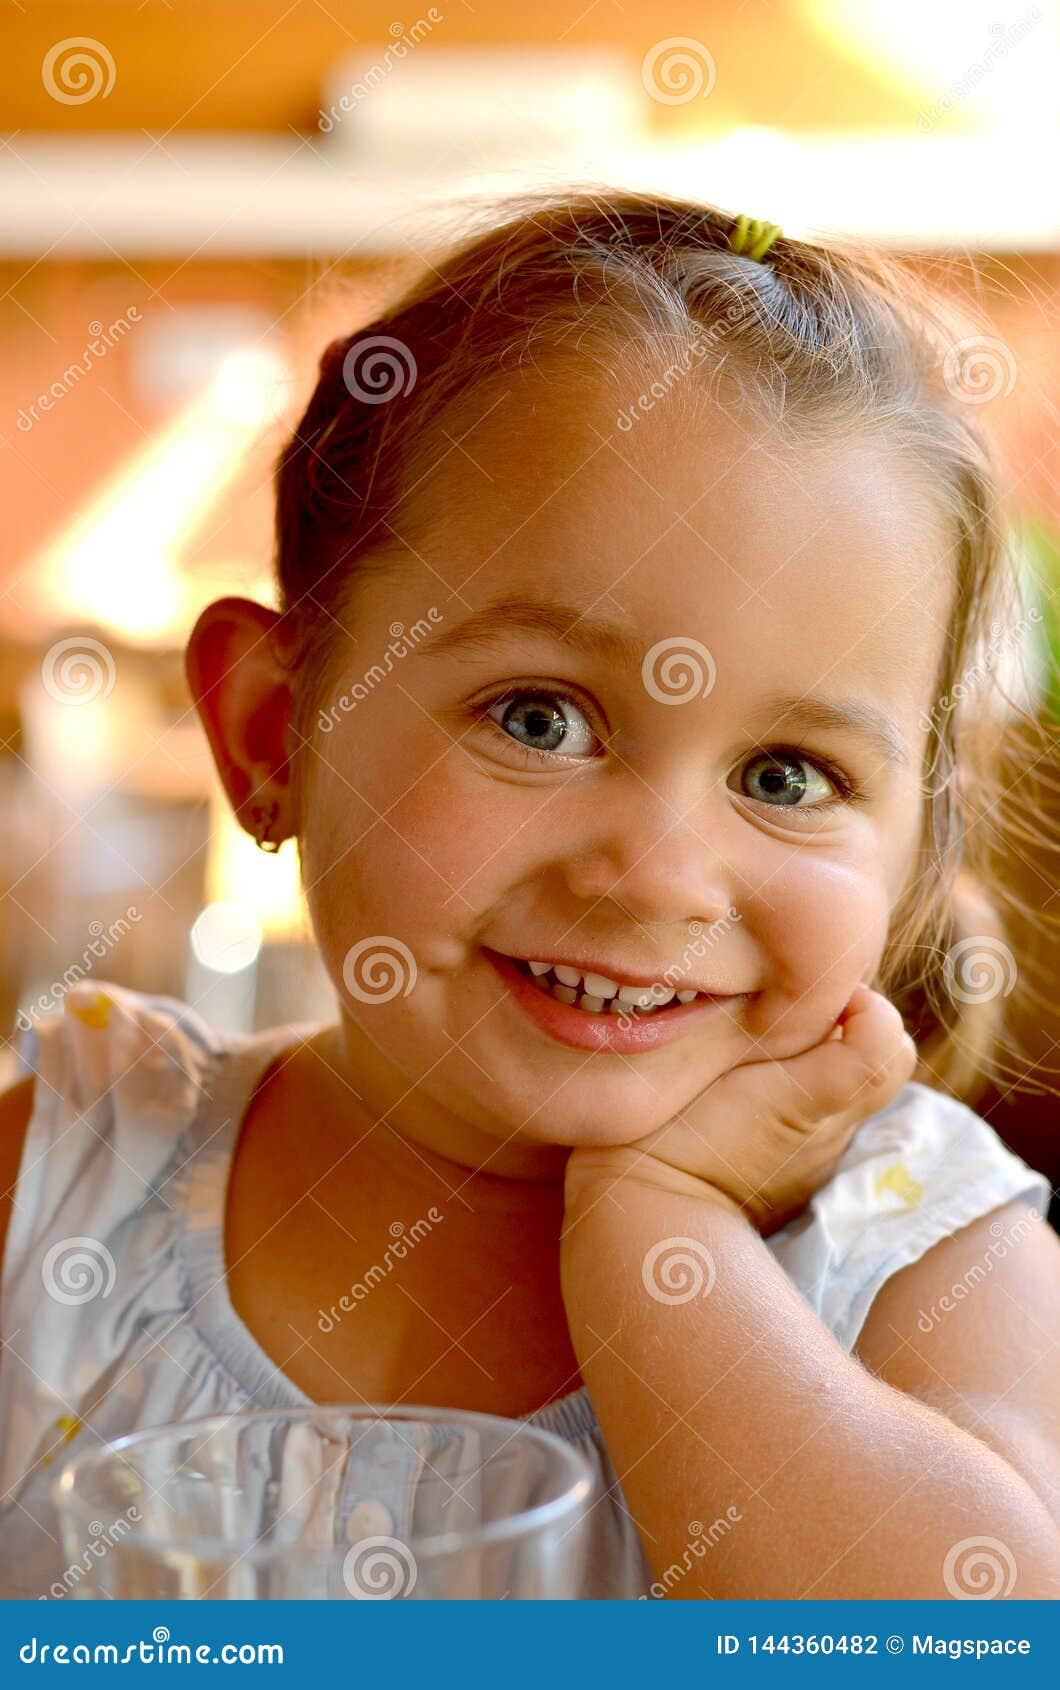 Un retrato de un bebé hermoso sonriente joven con el pelo rubio